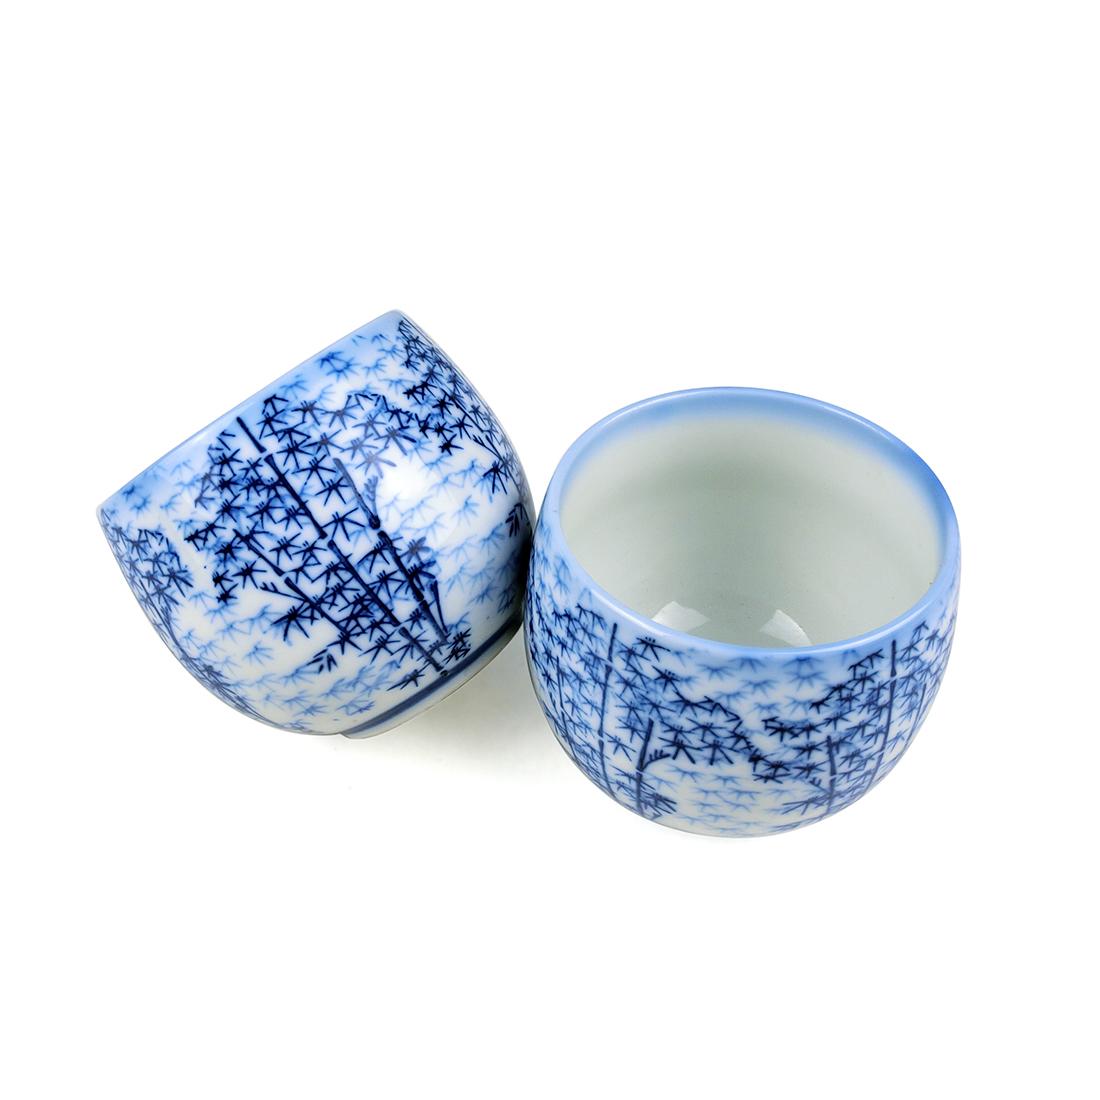 Bộ 6 Chung Sứ Men Lam Cây Trúc - Nhật - 7 x 6 cm - 232737